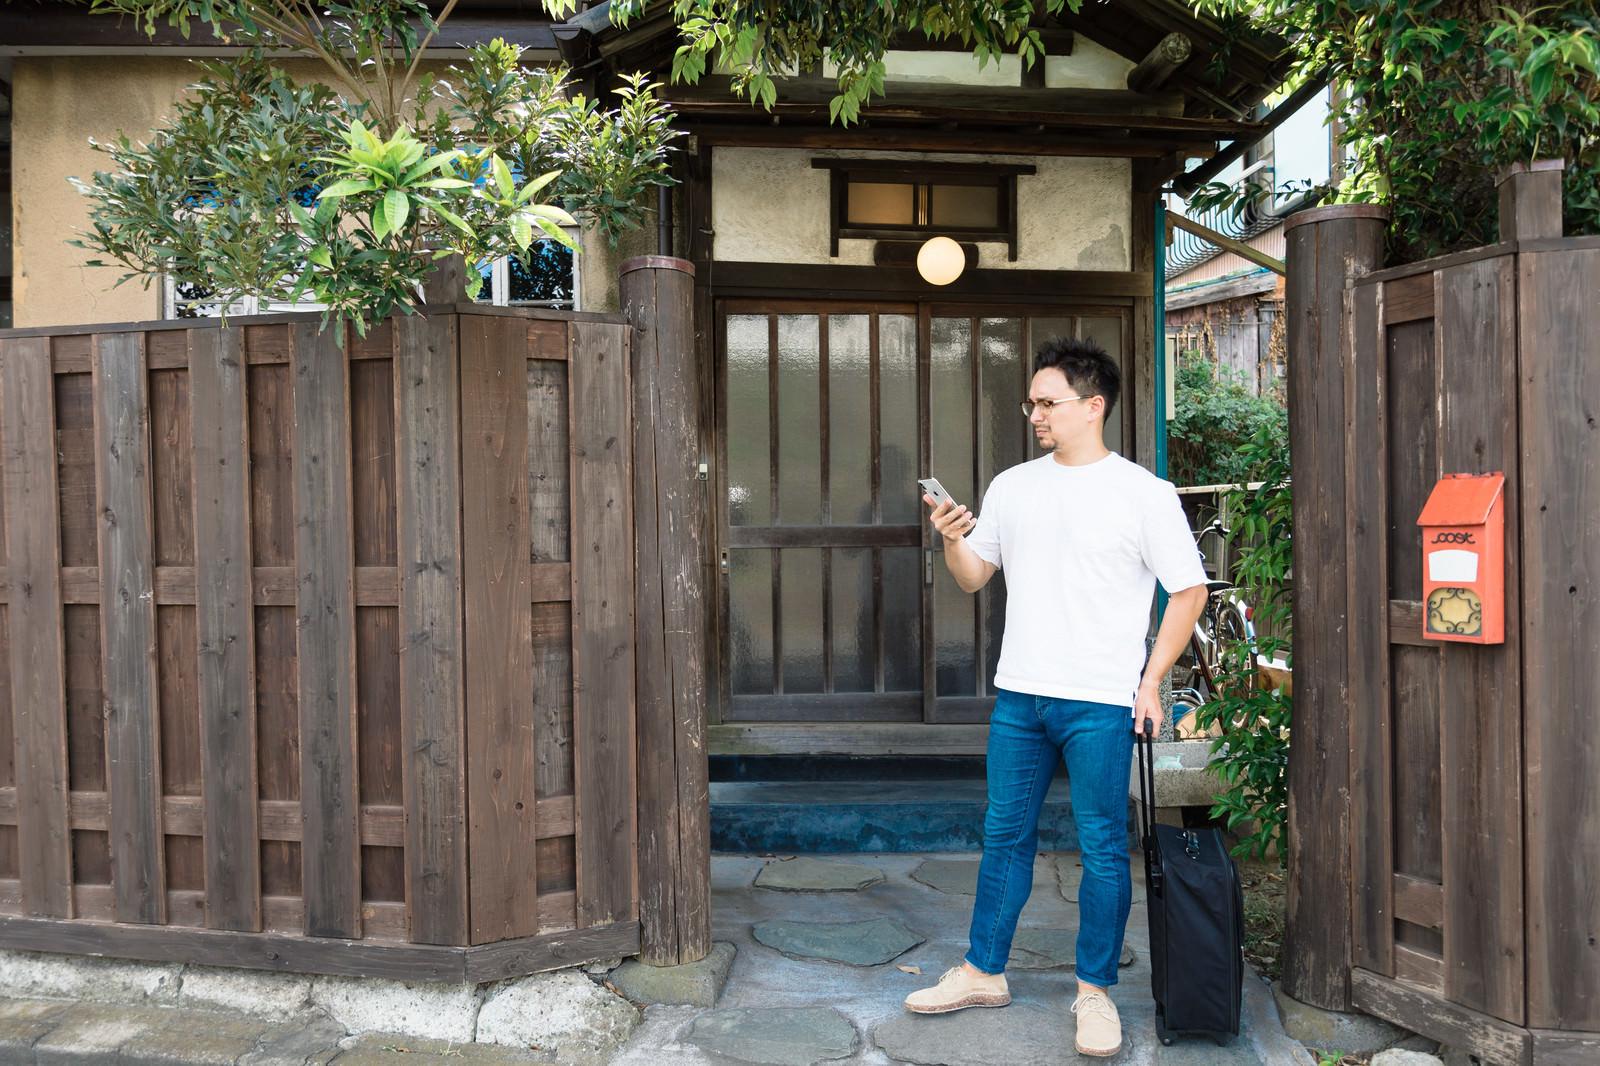 「古民家の軒先で予約を確認する外国人観光客」の写真[モデル:Max_Ezaki]